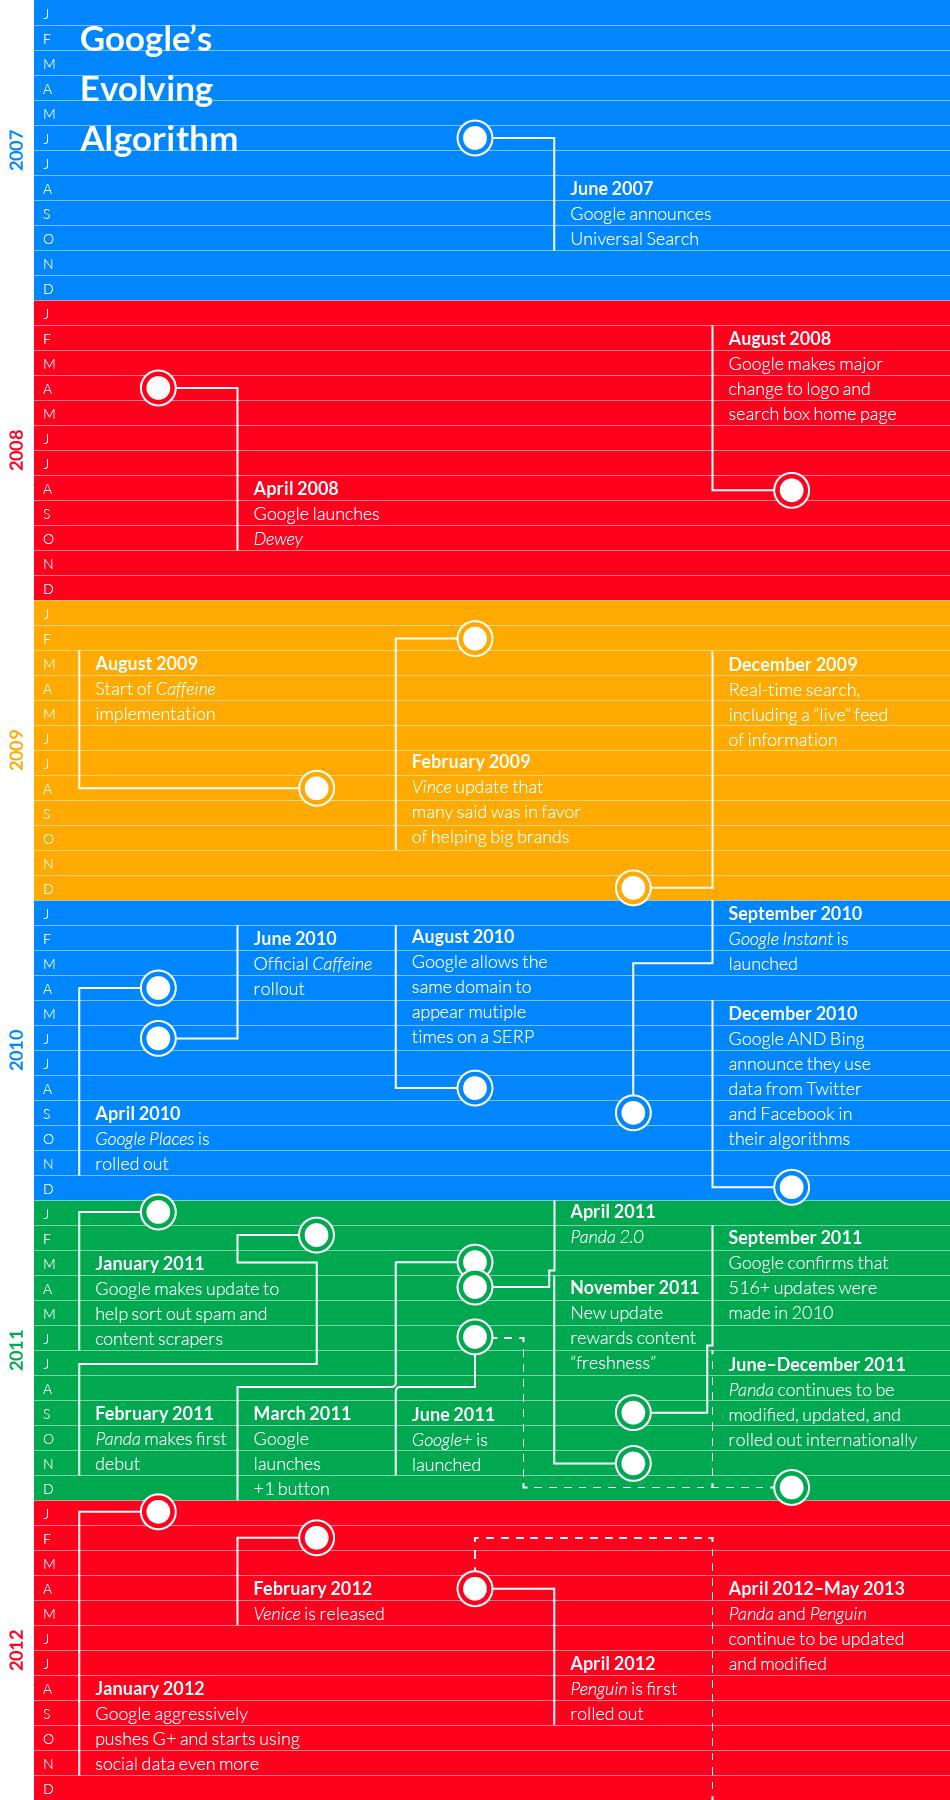 google-algorithm-infographic